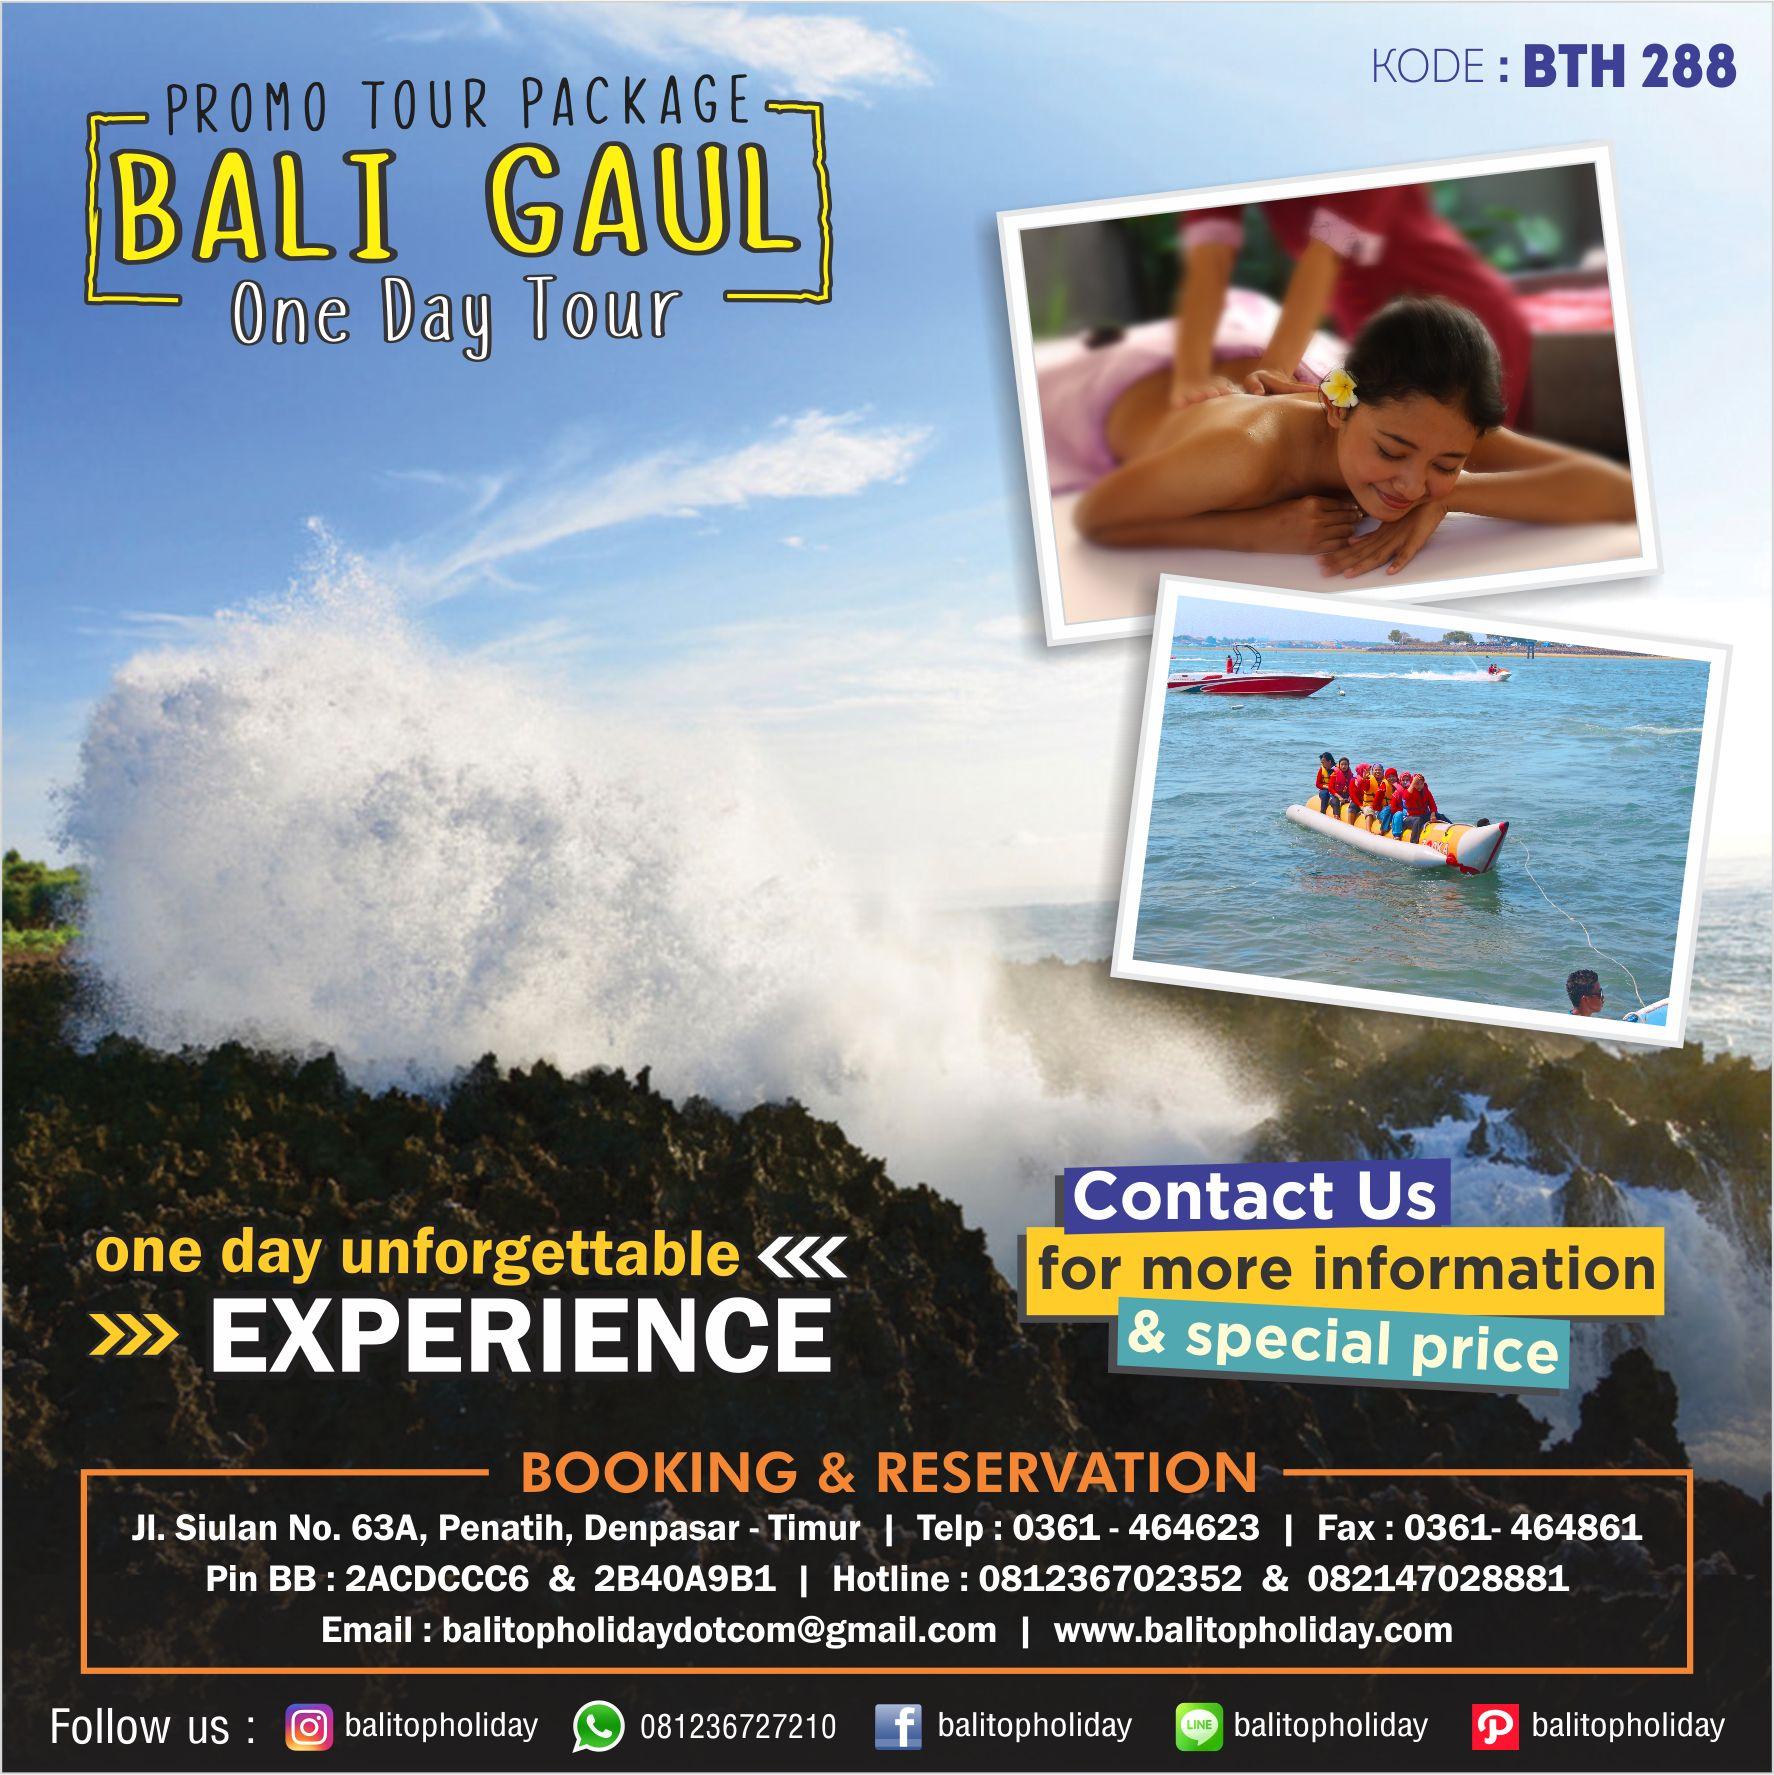 Paket Bali Gaul BTH 288